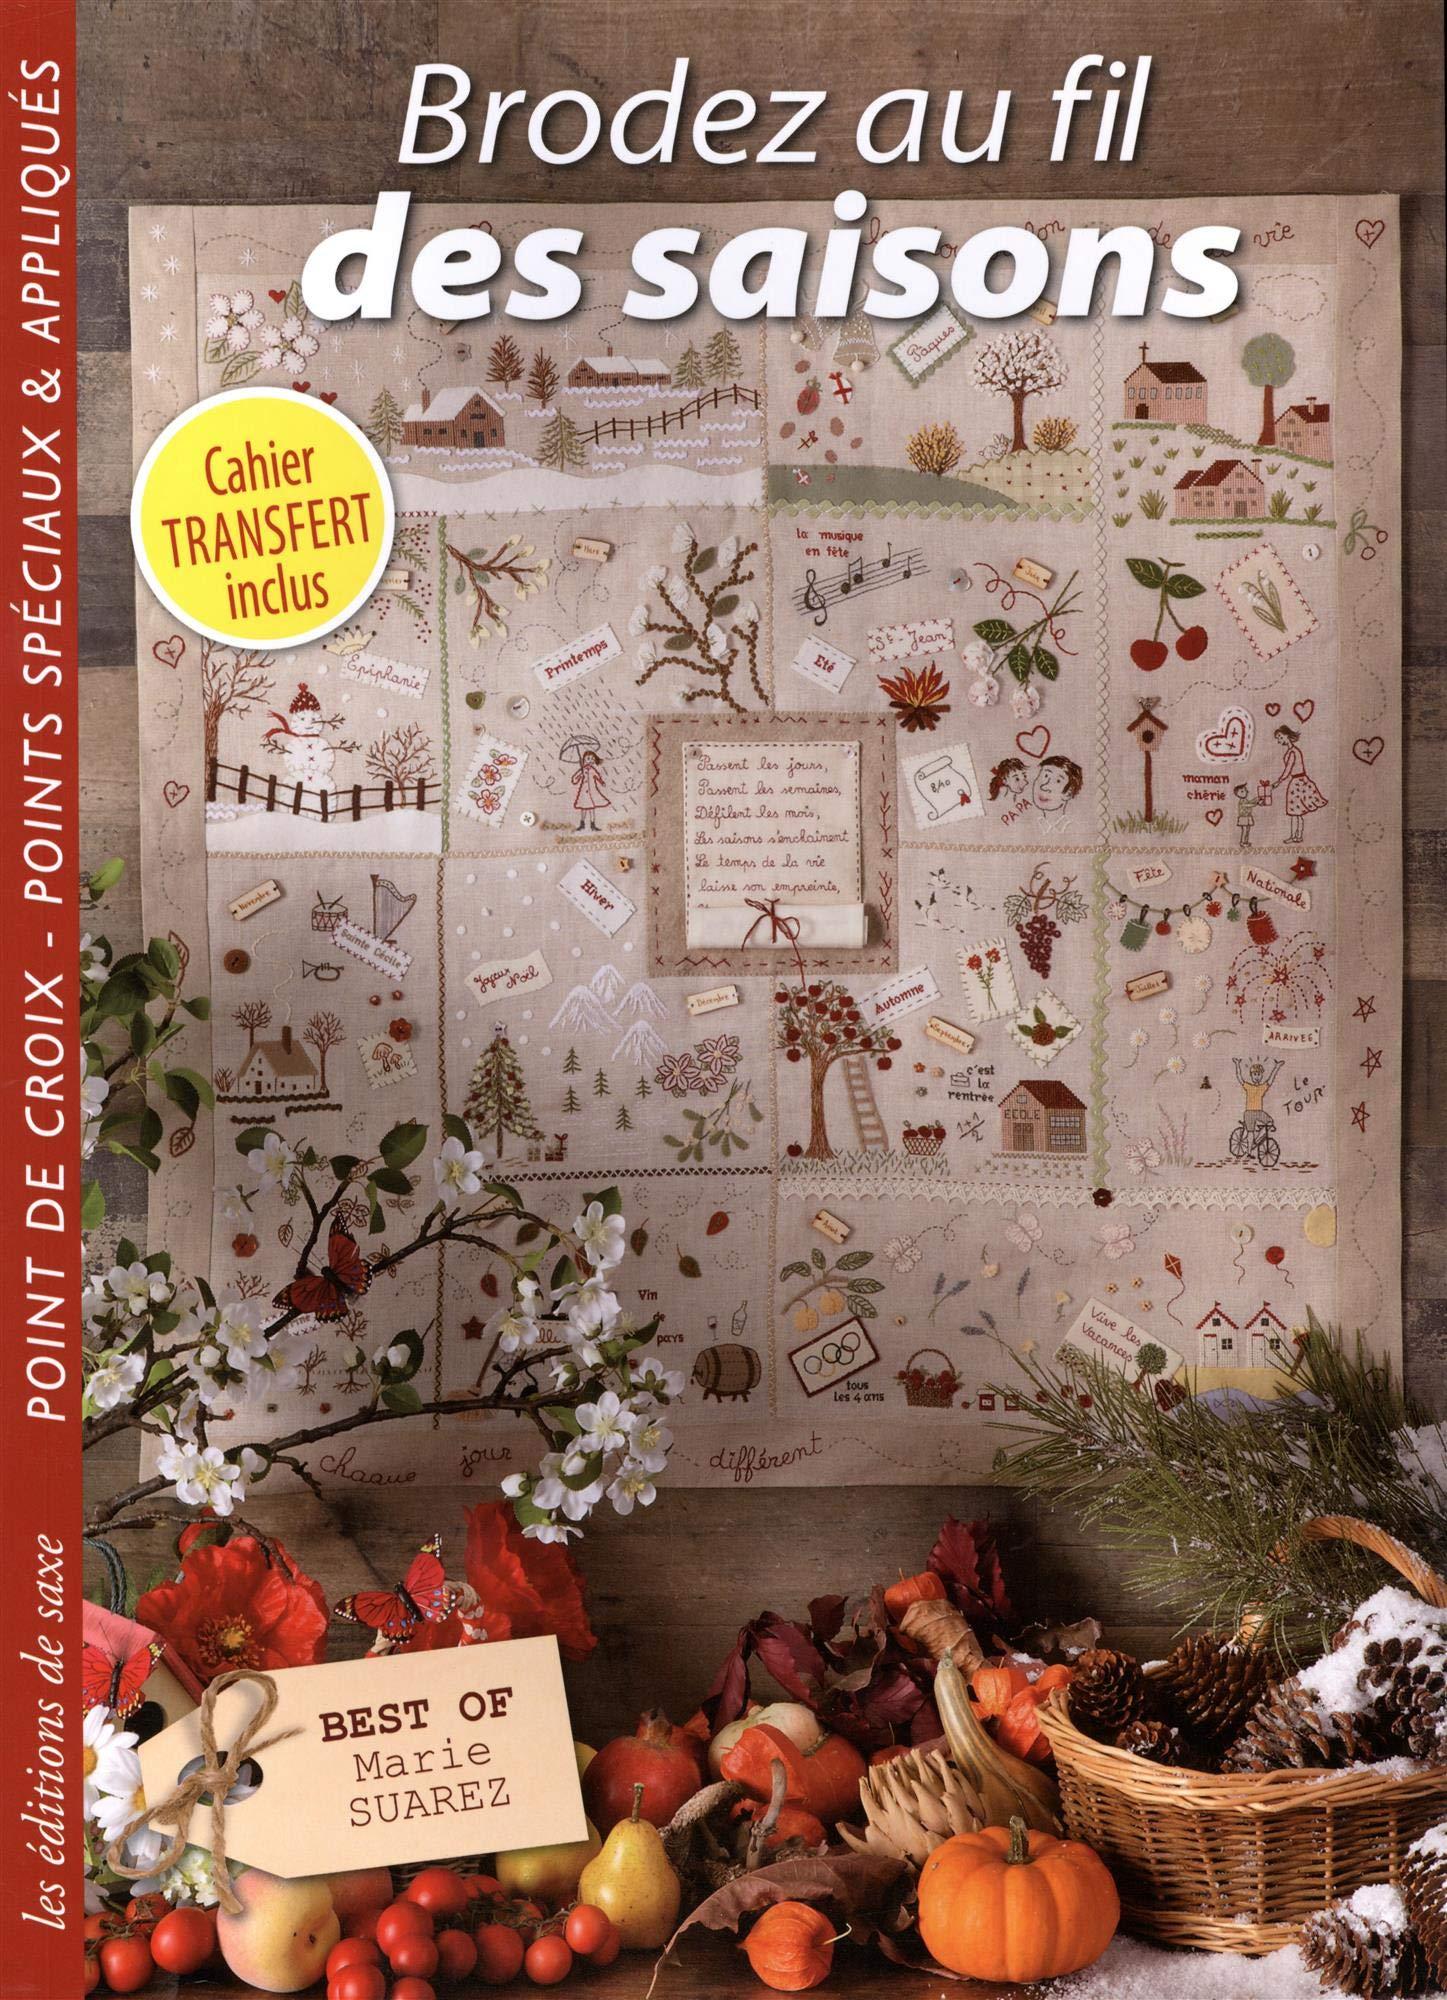 Brodez au fil des saisons: Amazon.es: Marie Suarez, Miss Kat, Didier Barbecot: Libros en idiomas extranjeros